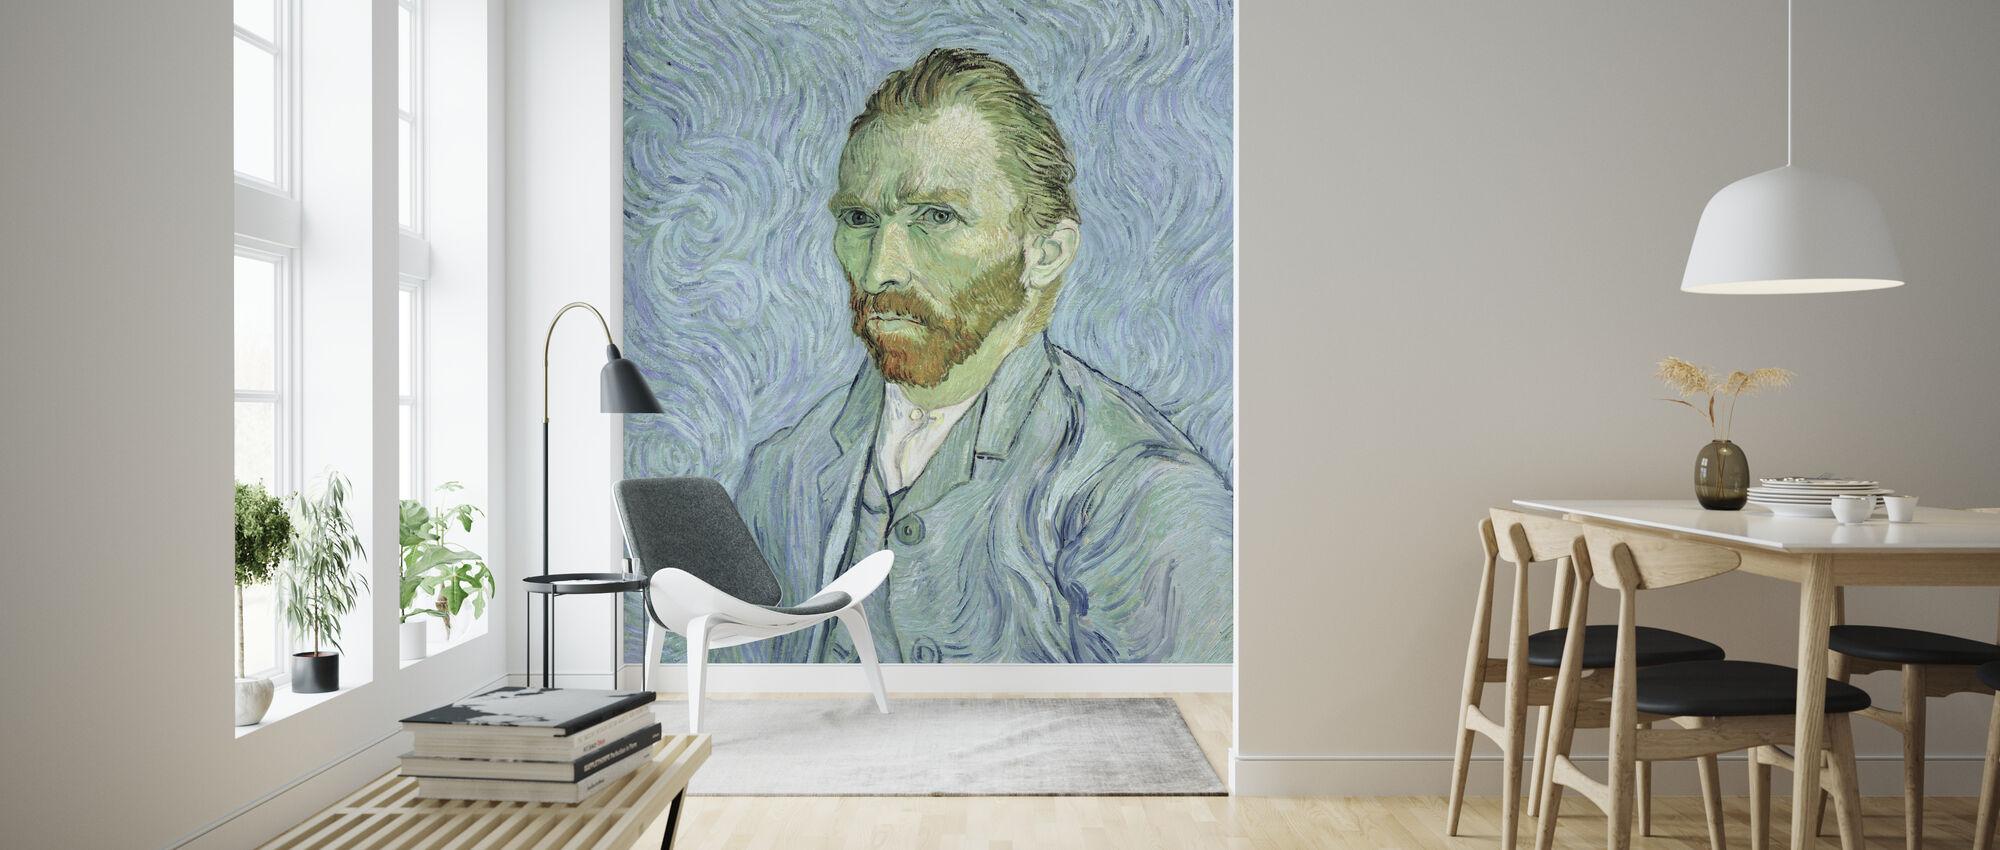 Self portrait, Vincent van Gogh - Wallpaper - Living Room